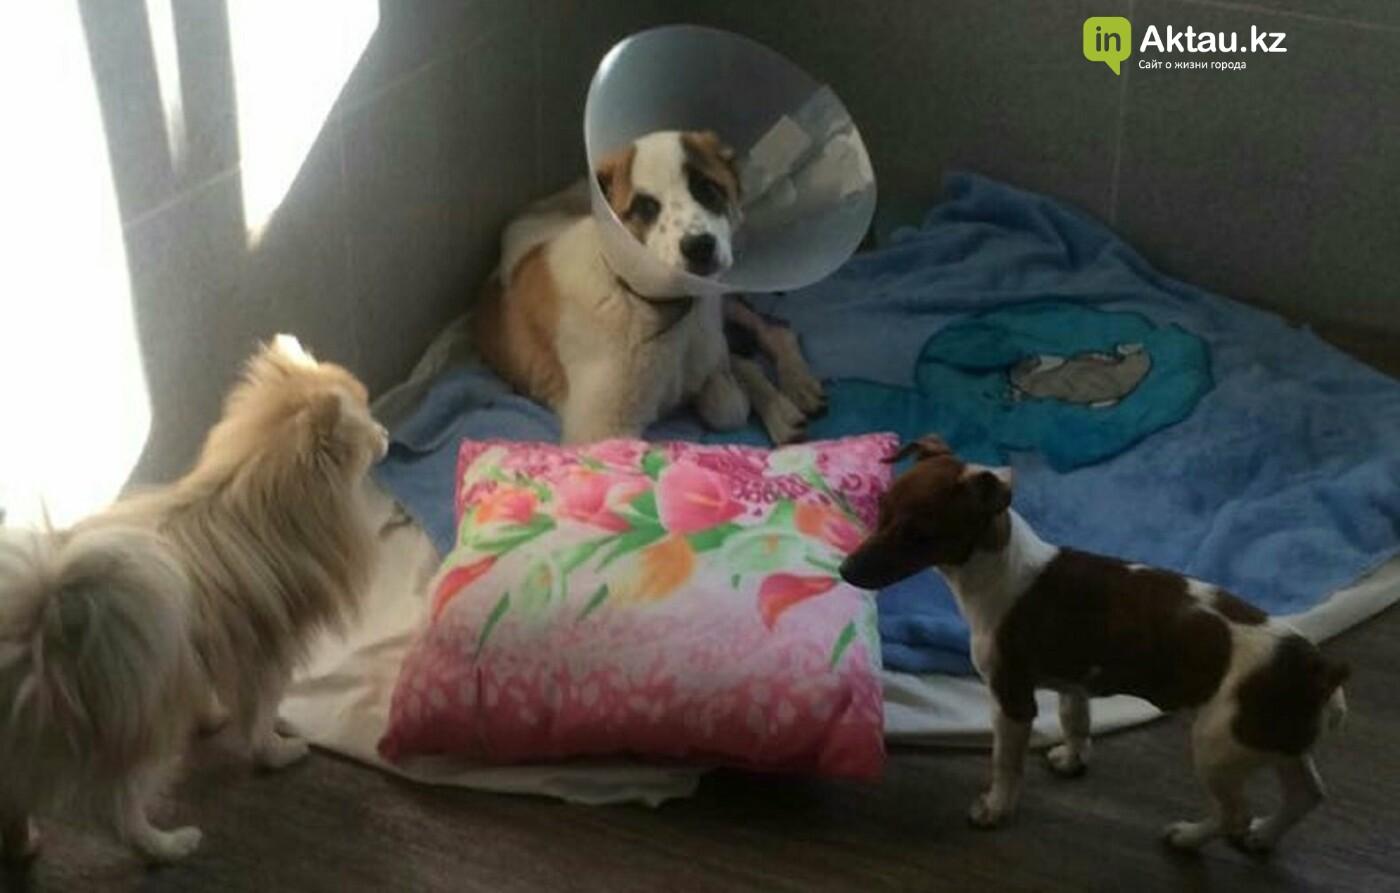 История щенка Кенди: новый хозяин ждет его в Актау, фото-1